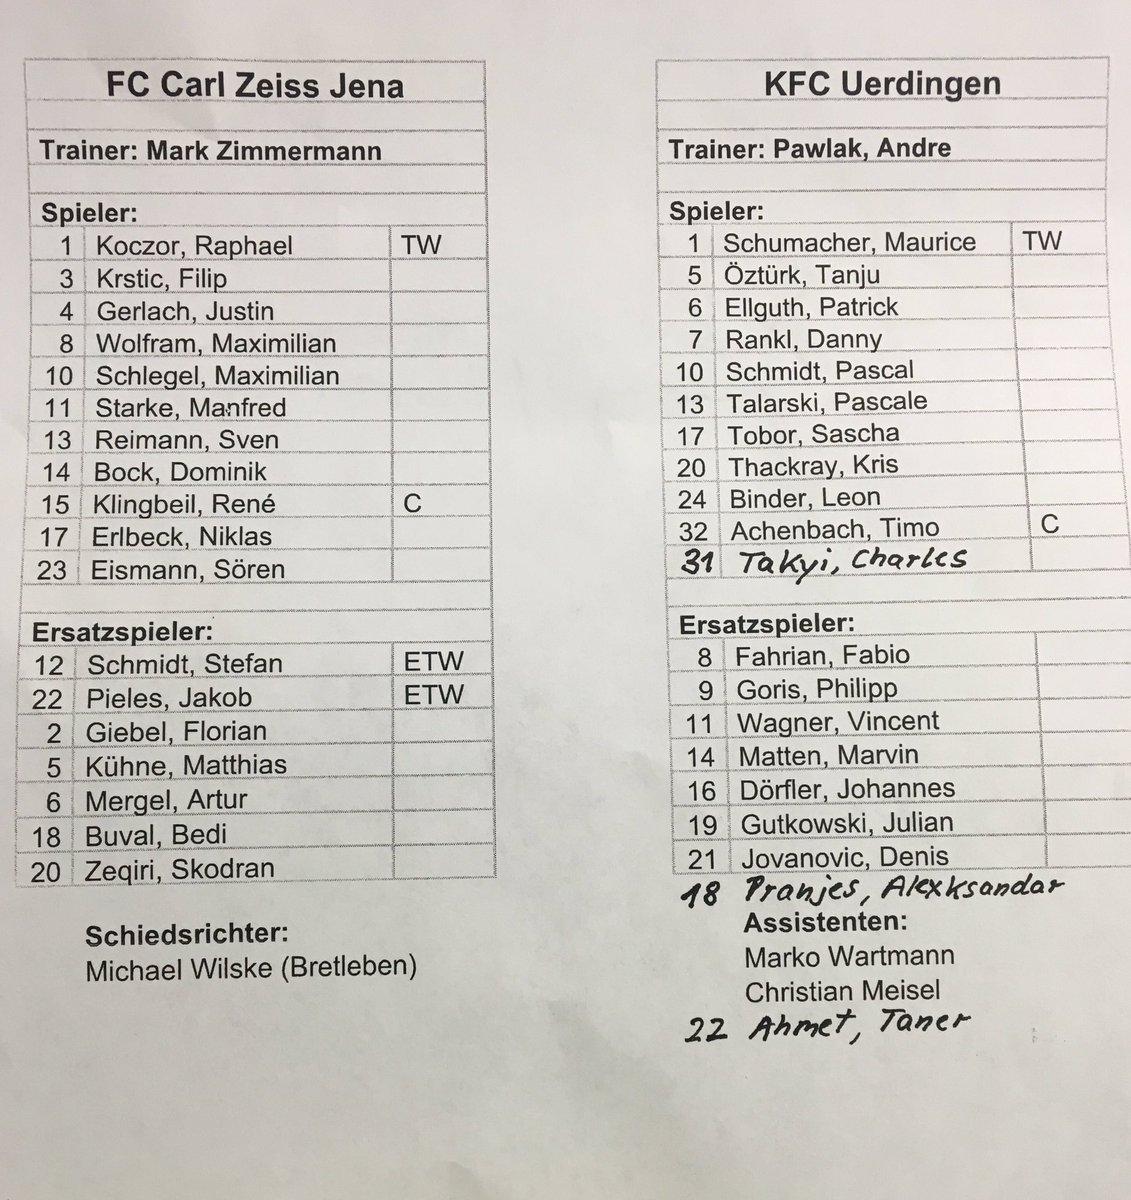 FC Carl Zeiss Jena (@fccarlzeissjena) | Twitter